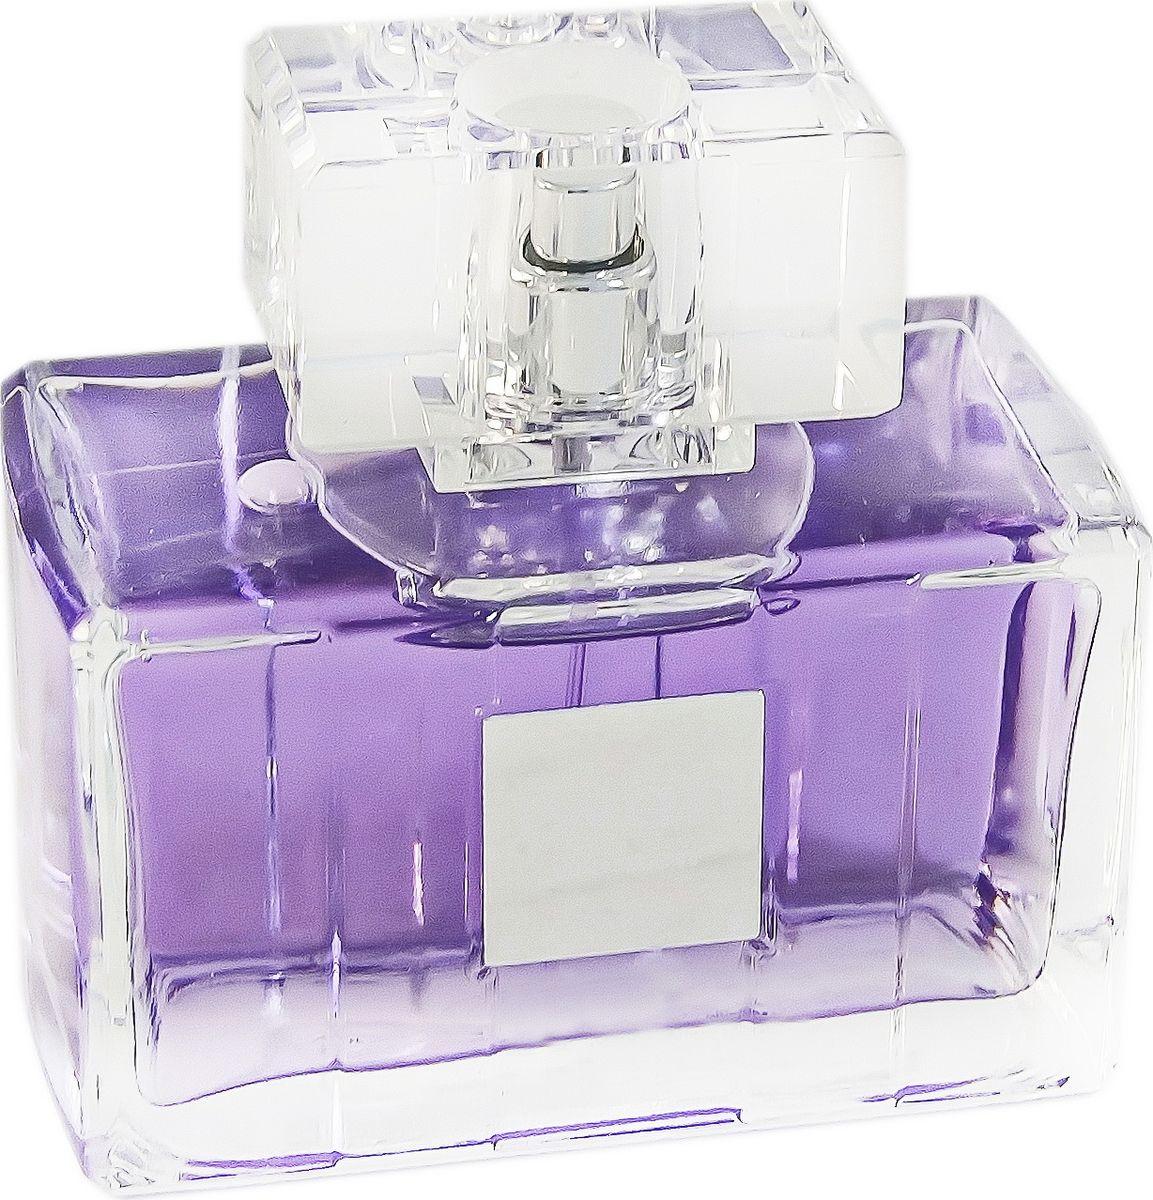 Geparlys Парфюмерная вода Iwan women Линии Parfums Glenn Perri, 100 мл3700134404589Не характерный аромат от Geparlys, пленяющий метаморфозами оттенков и нот. Обладательница этого парфюма, женщина не ординарная, с хорошим вкусом, всегда в центре внимания у мужчин. Основная парфюмерная композиция: яблоко, мандарин, роза, кашемир, янтарь.Краткий гид по парфюмерии: виды, ноты, ароматы, советы по выбору. Статья OZON Гид